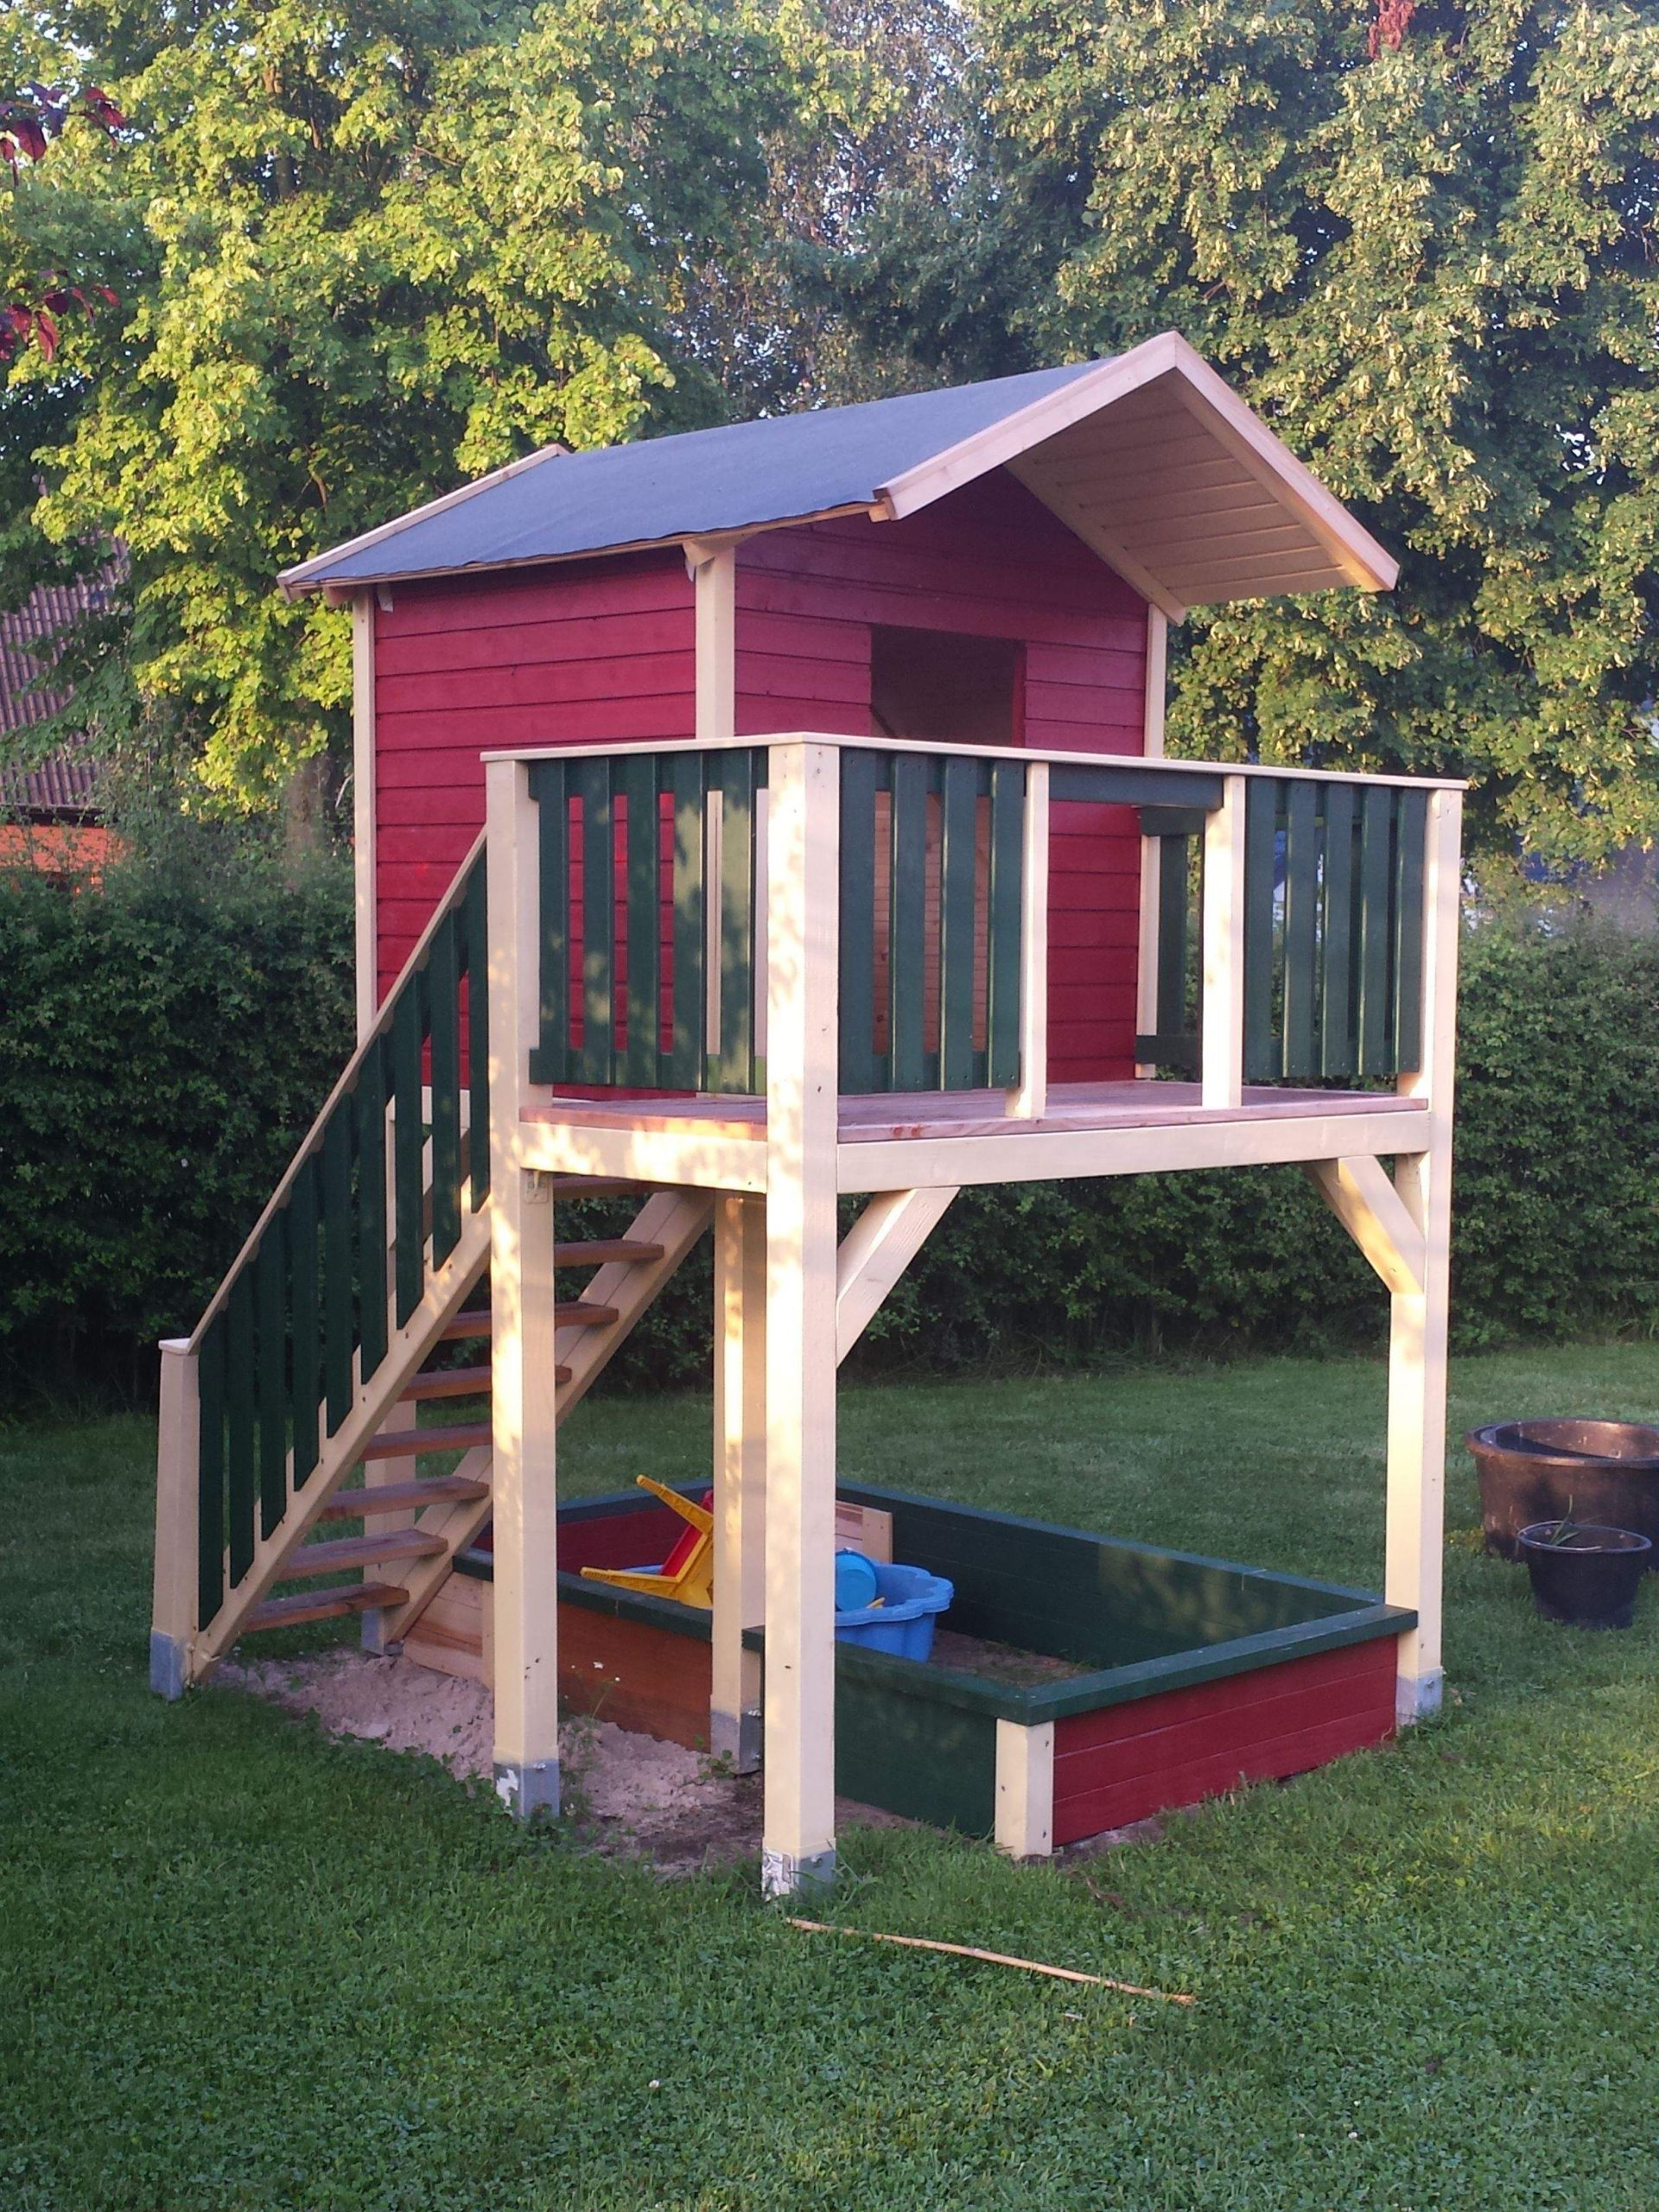 Kinderspielhaus Holz Garten Inspirierend Spielturm Mit Treppe Bauanleitung Zum Selber Bauen